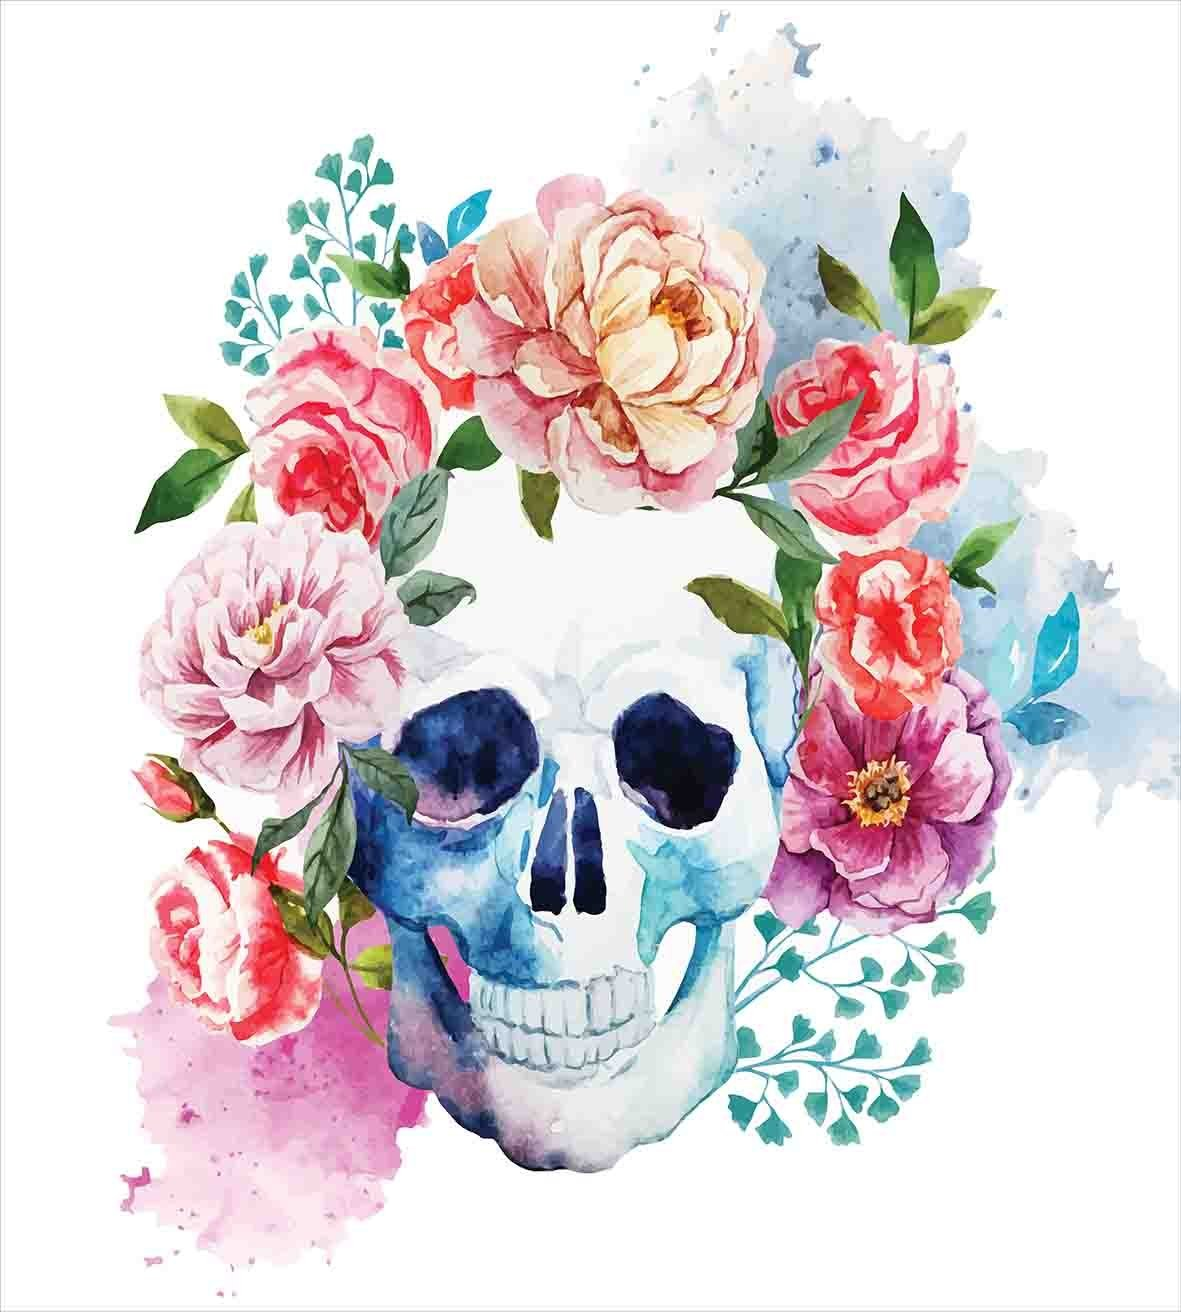 Череп пододеяльник набор смешной череп с красочной цветочной головкой Викторианский стиль мертвый Скелет Графический художественный принт постельные принадлежности набор мульти - 2